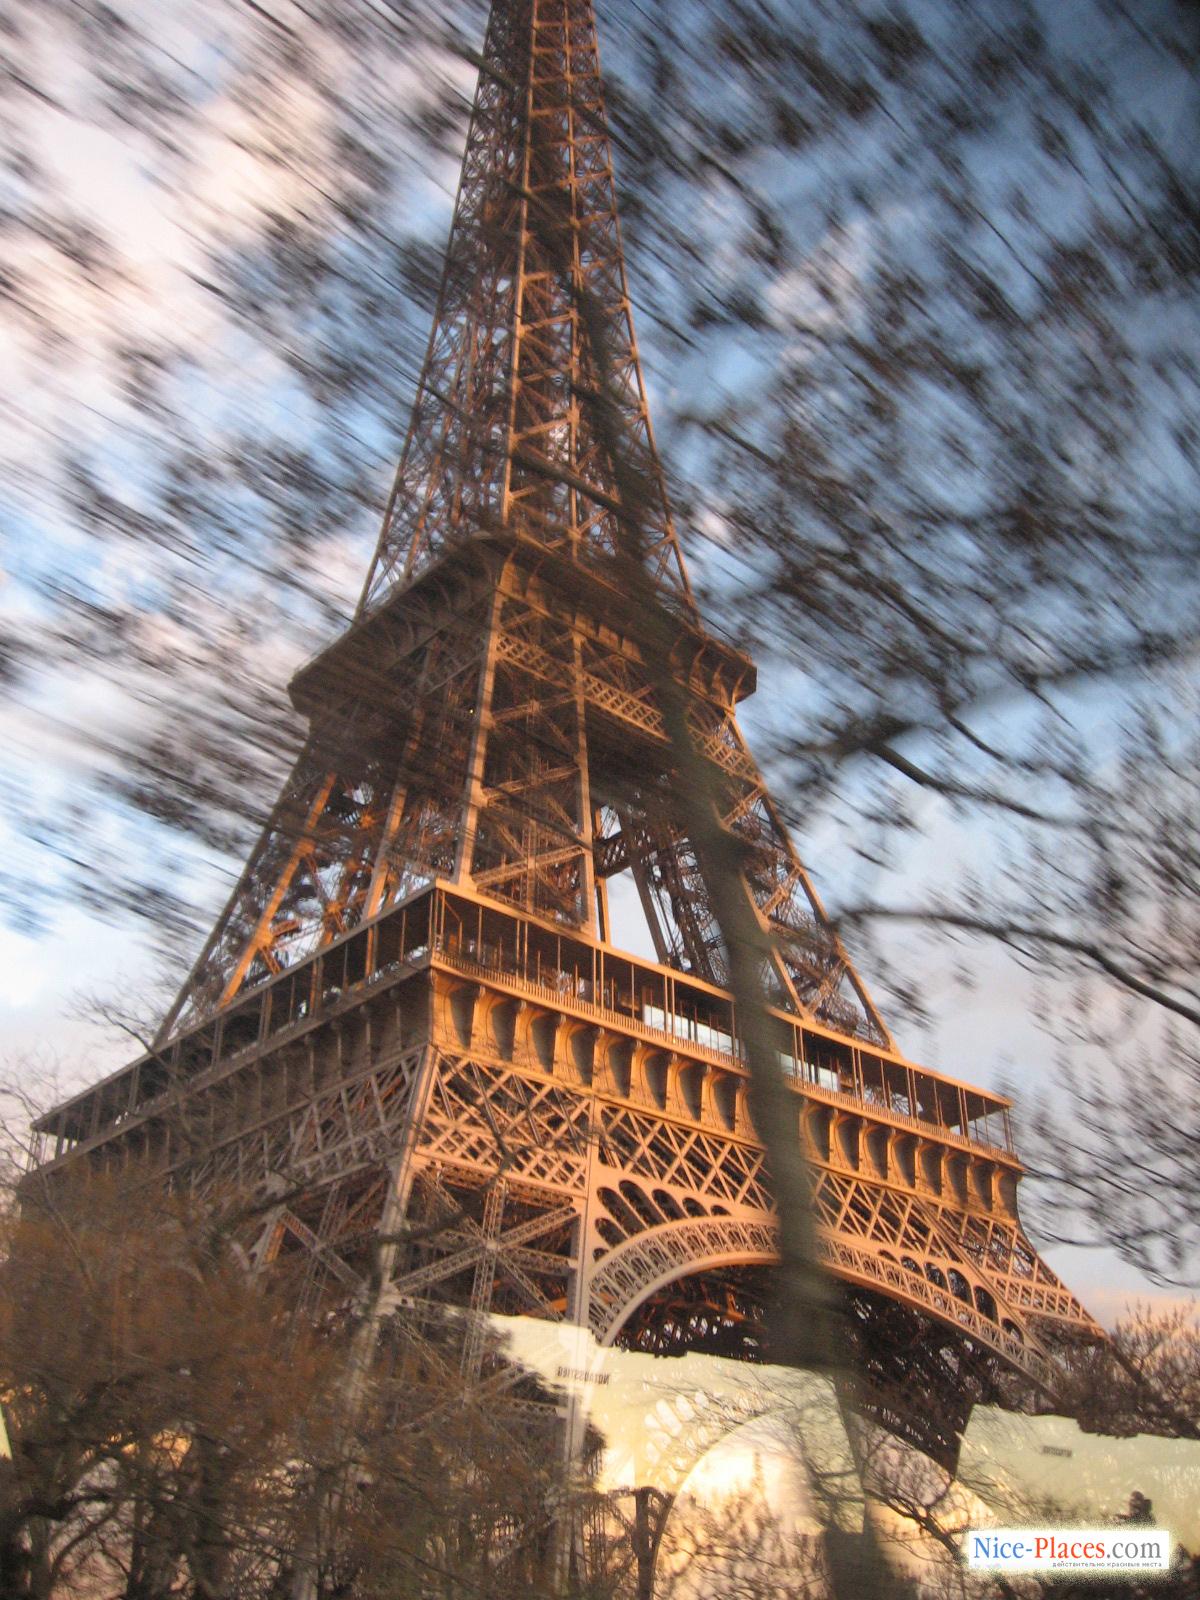 18598 скачать обои Пейзаж, Города, Эйфелева Башня - заставки и картинки бесплатно